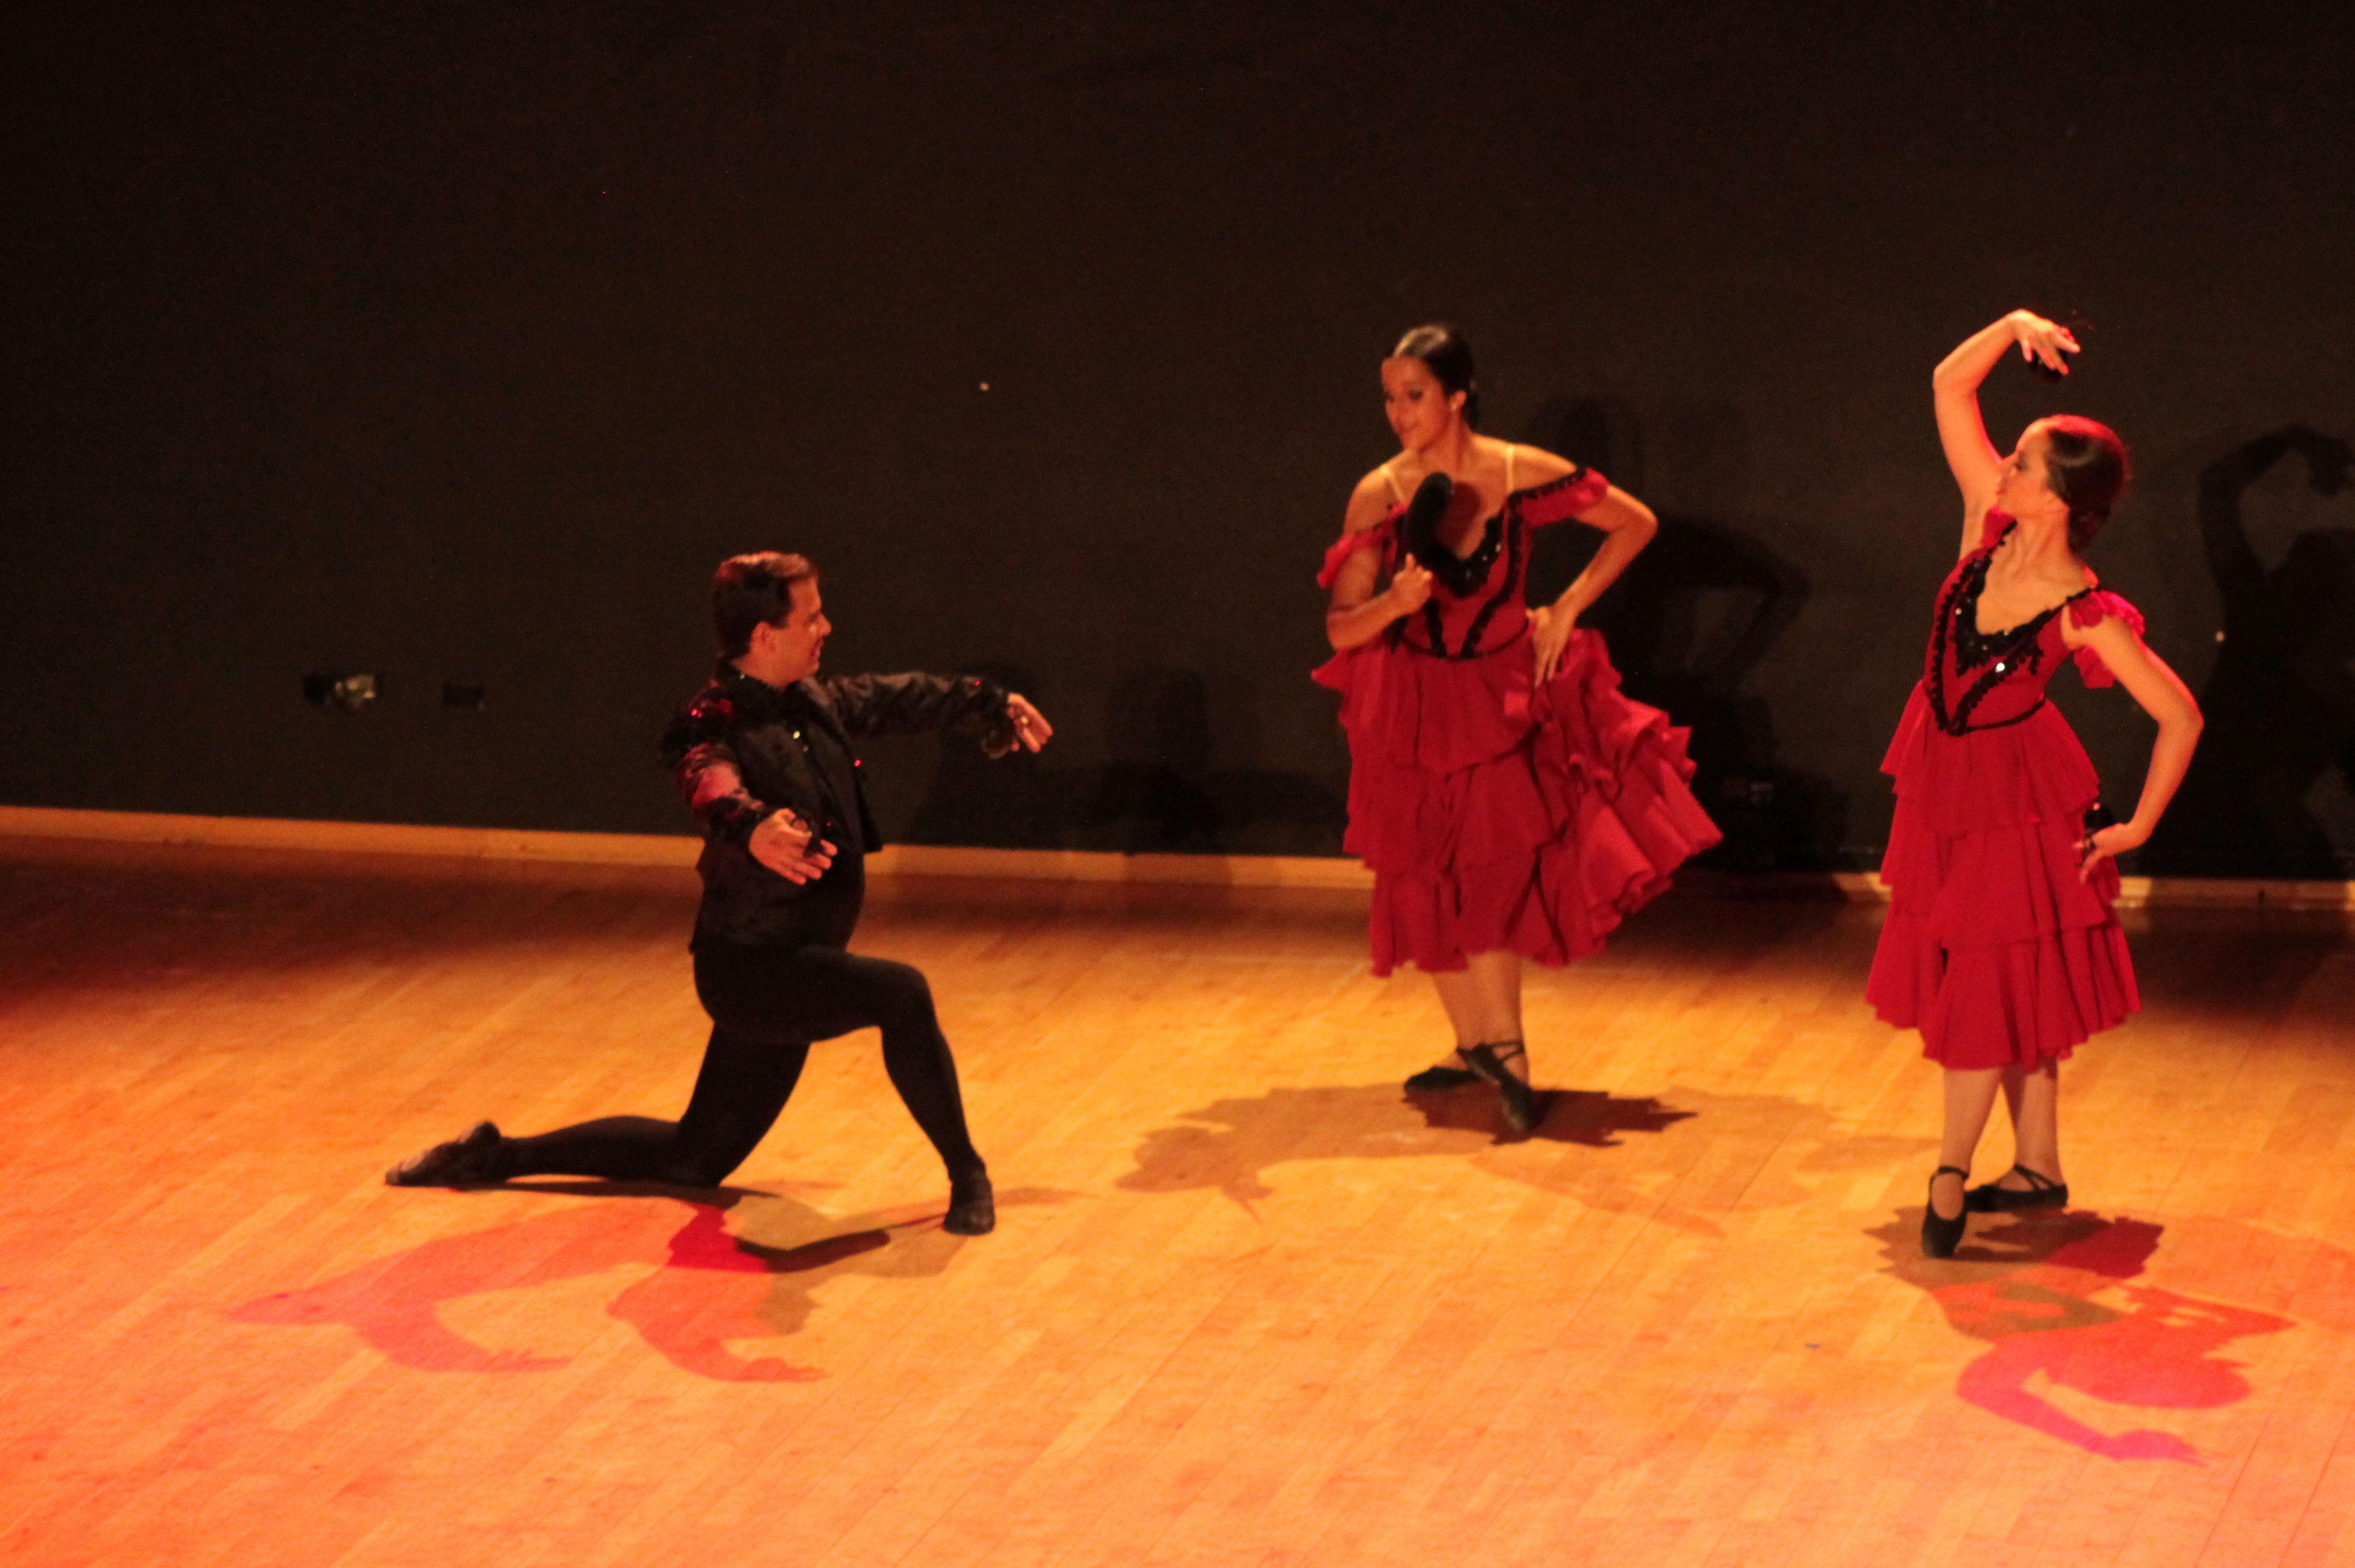 Foto 53 de Escuelas de música, danza e interpretación en Alcalá de Henares | Escuela de Danza Pepe Vento